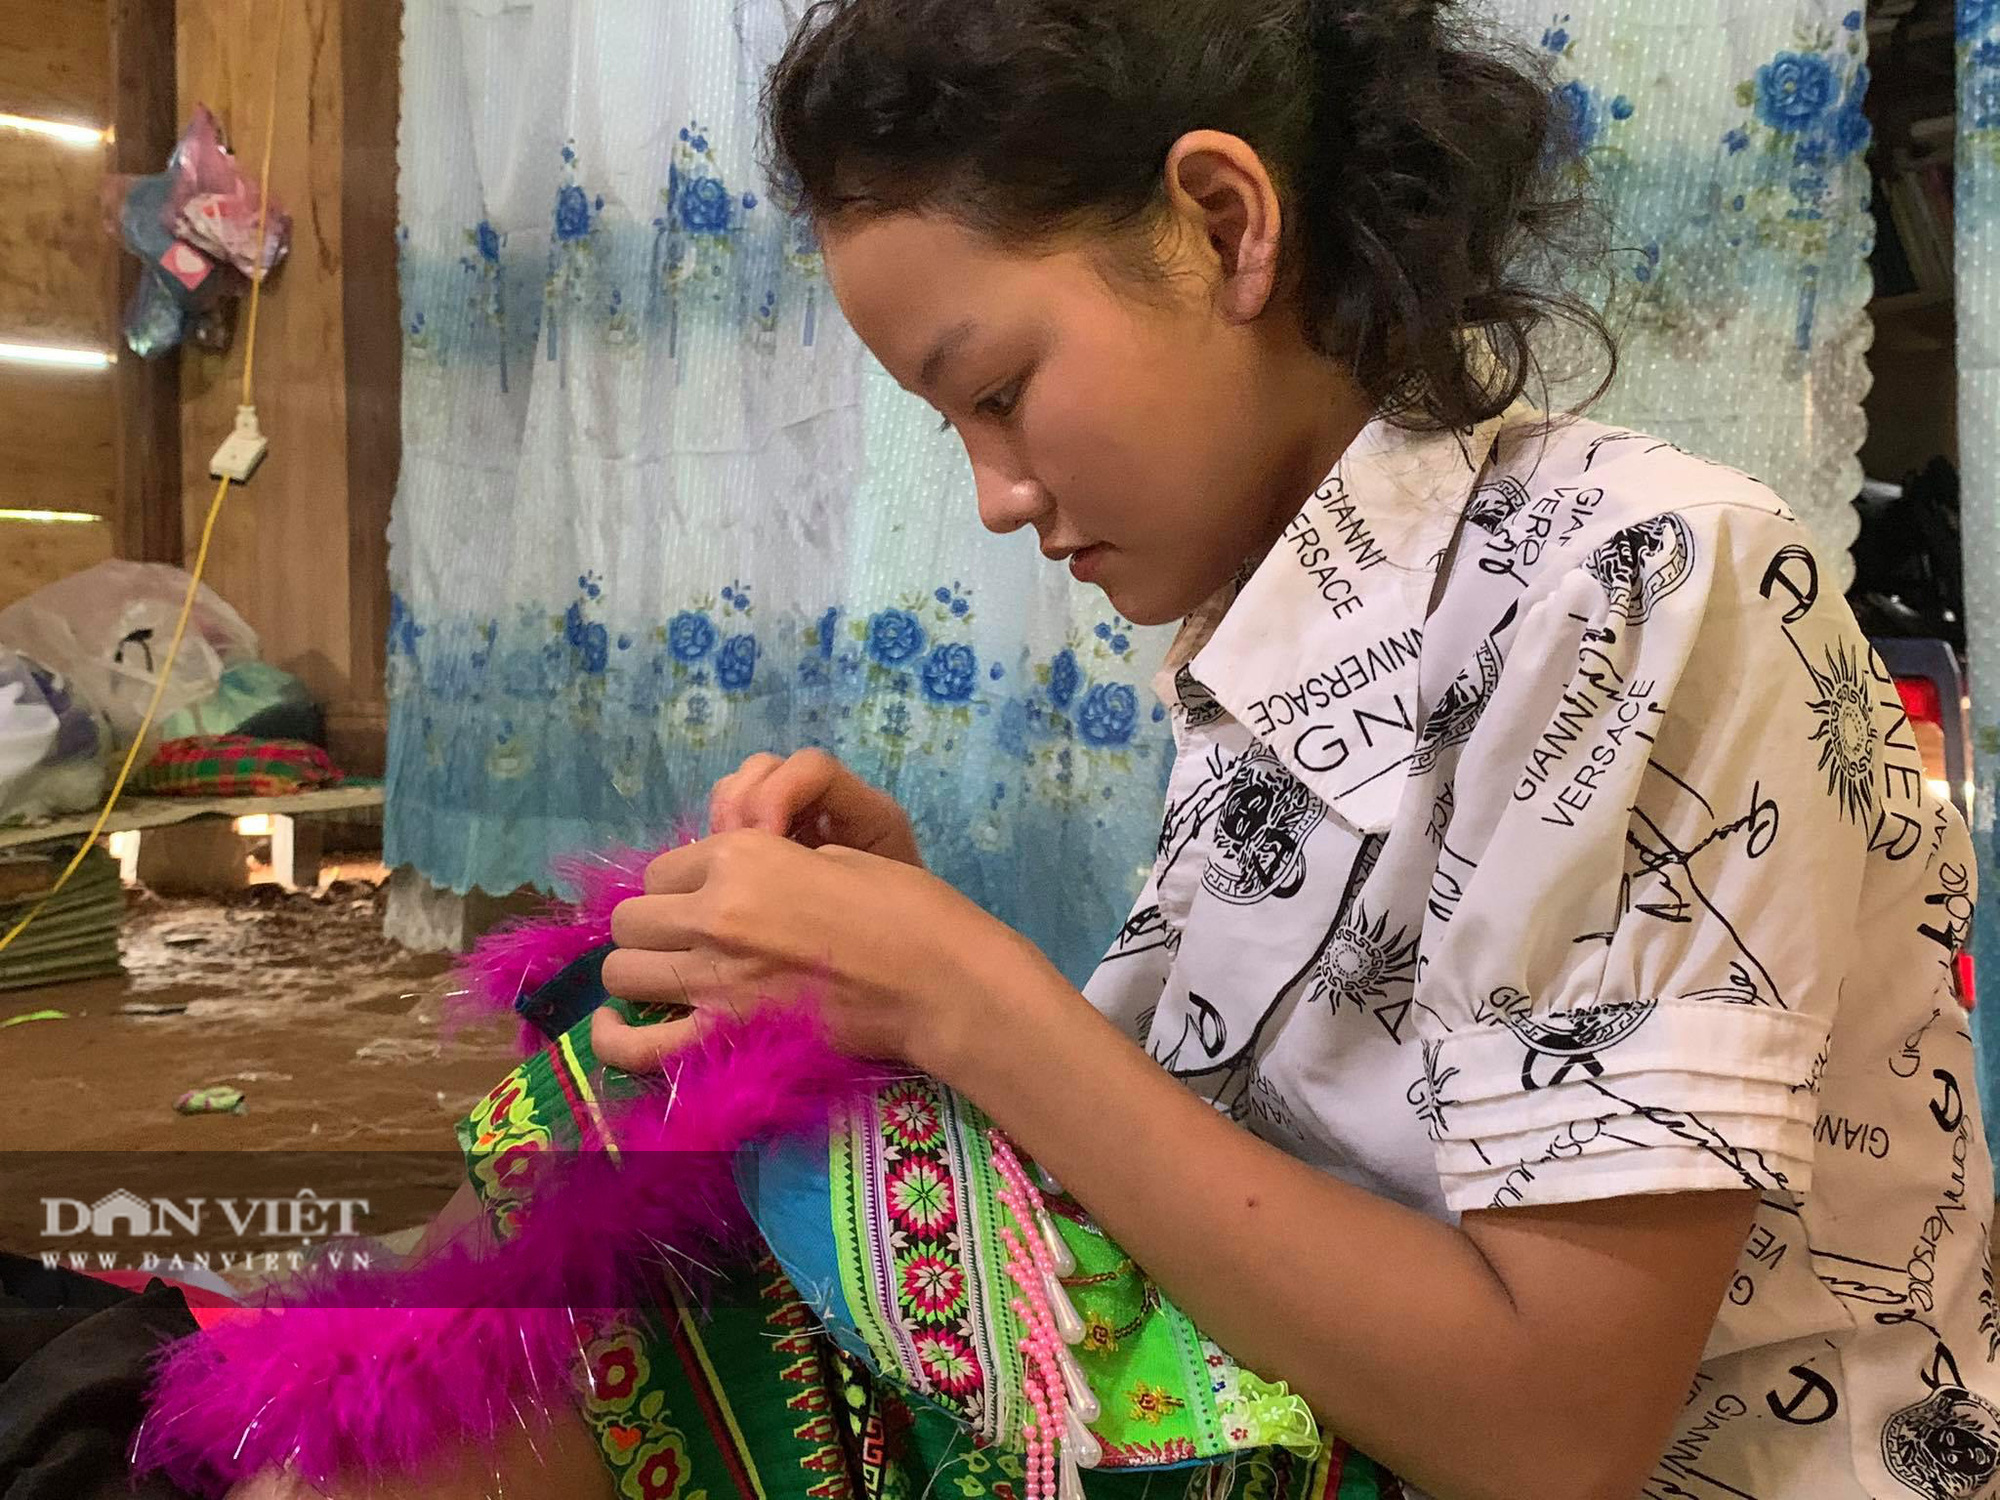 Thiếu nữ Mông Bắc Kạn mặt tươi như hoa, tay mềm như lửa, thoăn thoắt đưa kim may váy, áo thoát nghèo - Ảnh 2.